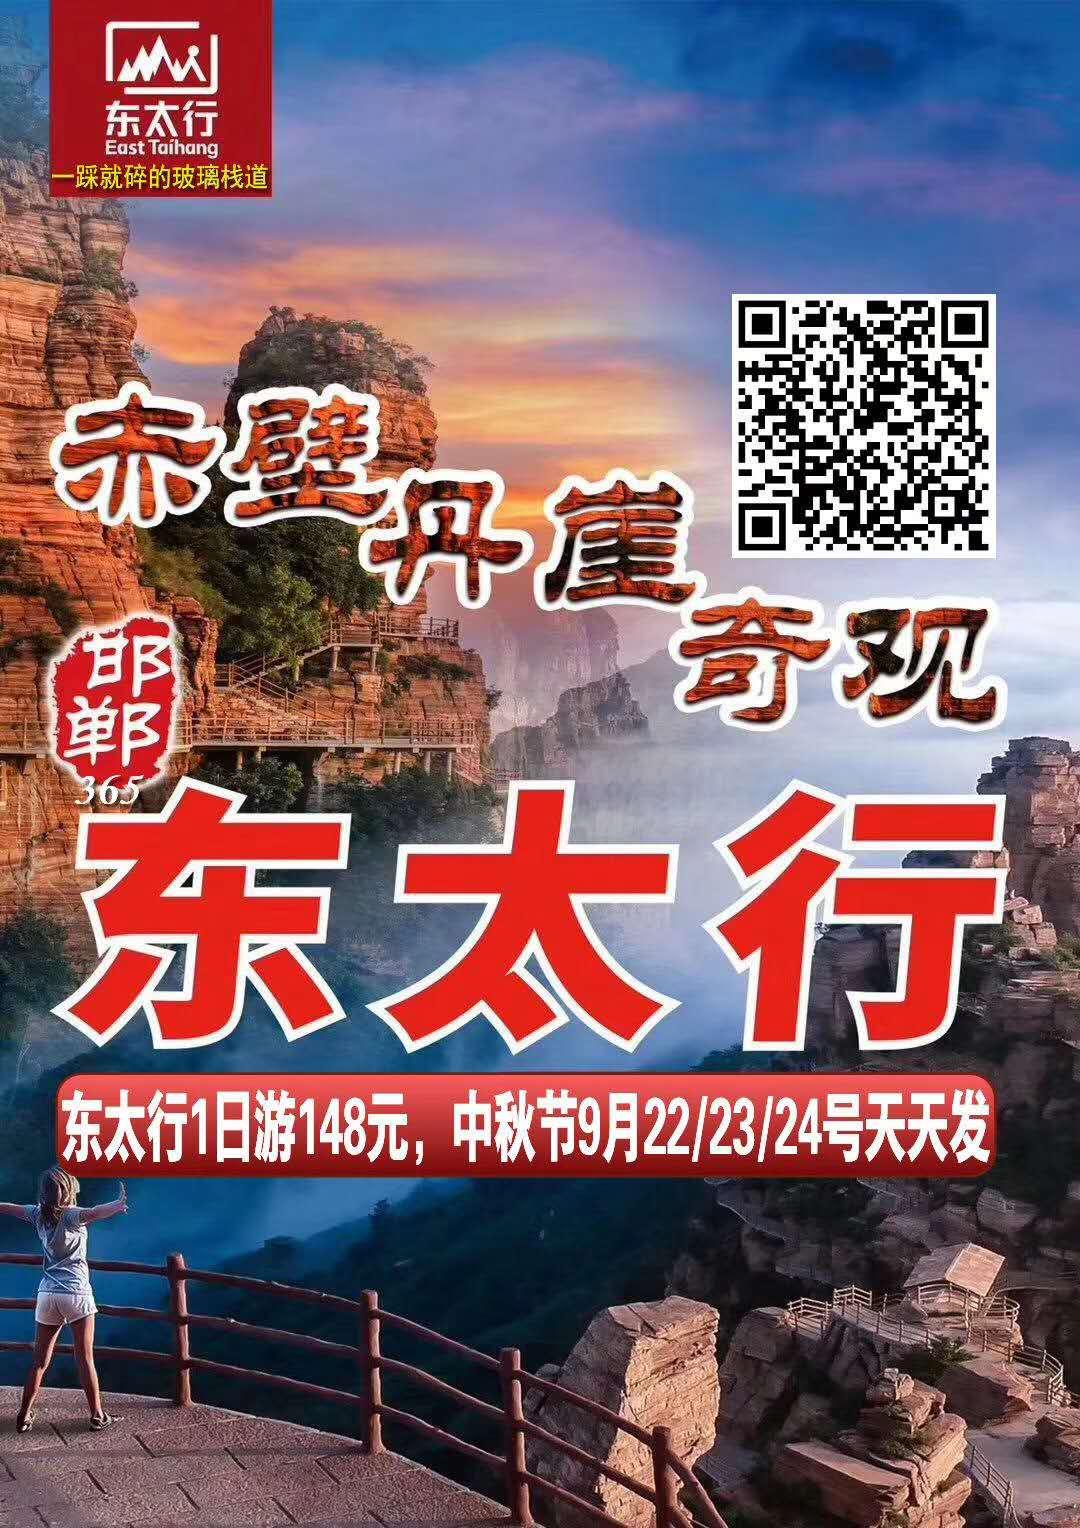 邯郸东太行1日游(每周三/六/日发团)